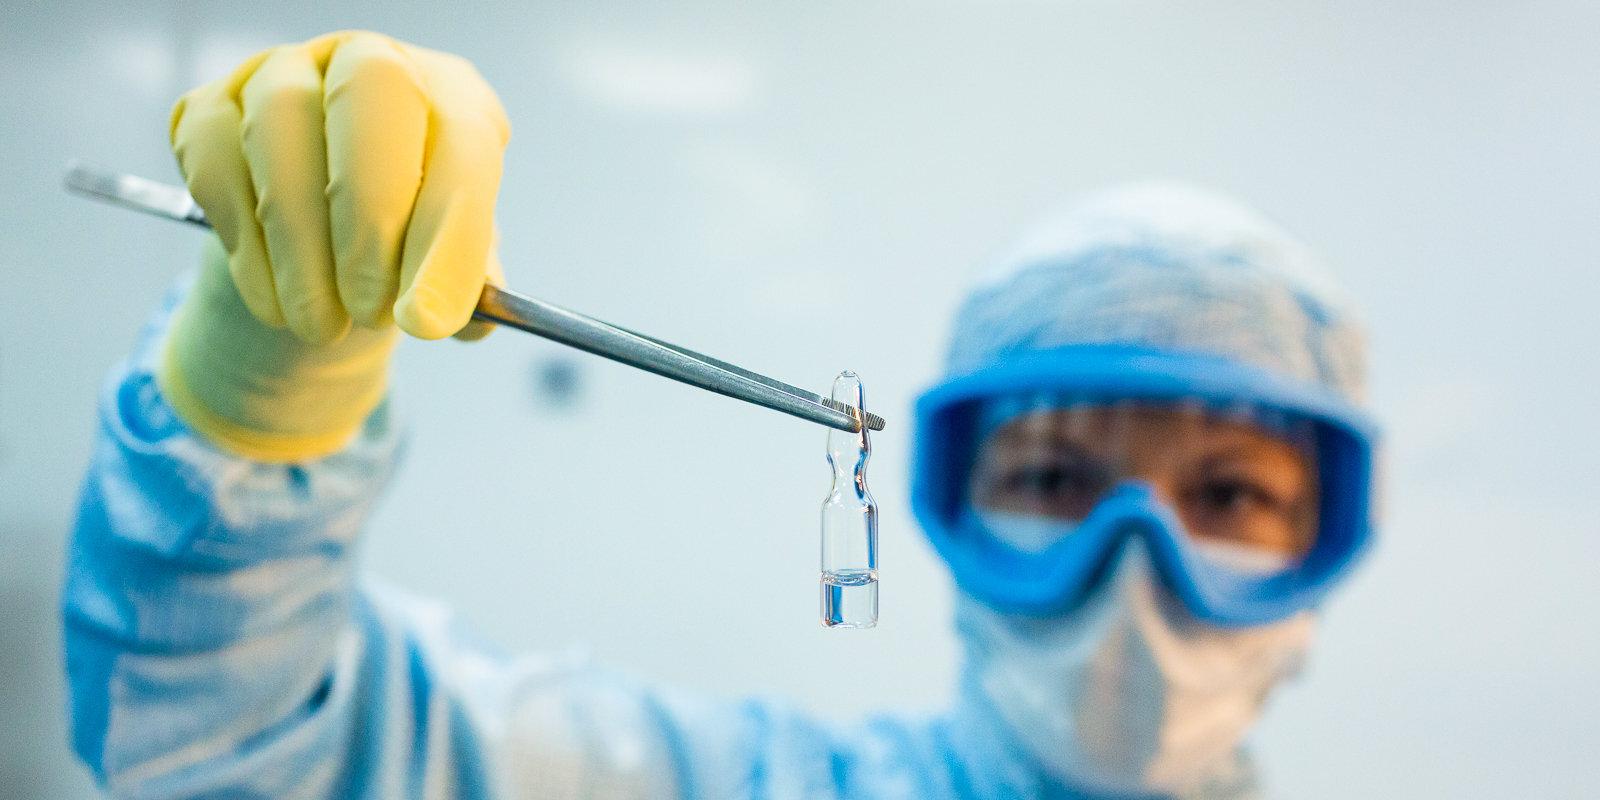 Covid-19 vakcīnu izstrāde: triecientempā, bet ar piesardzību